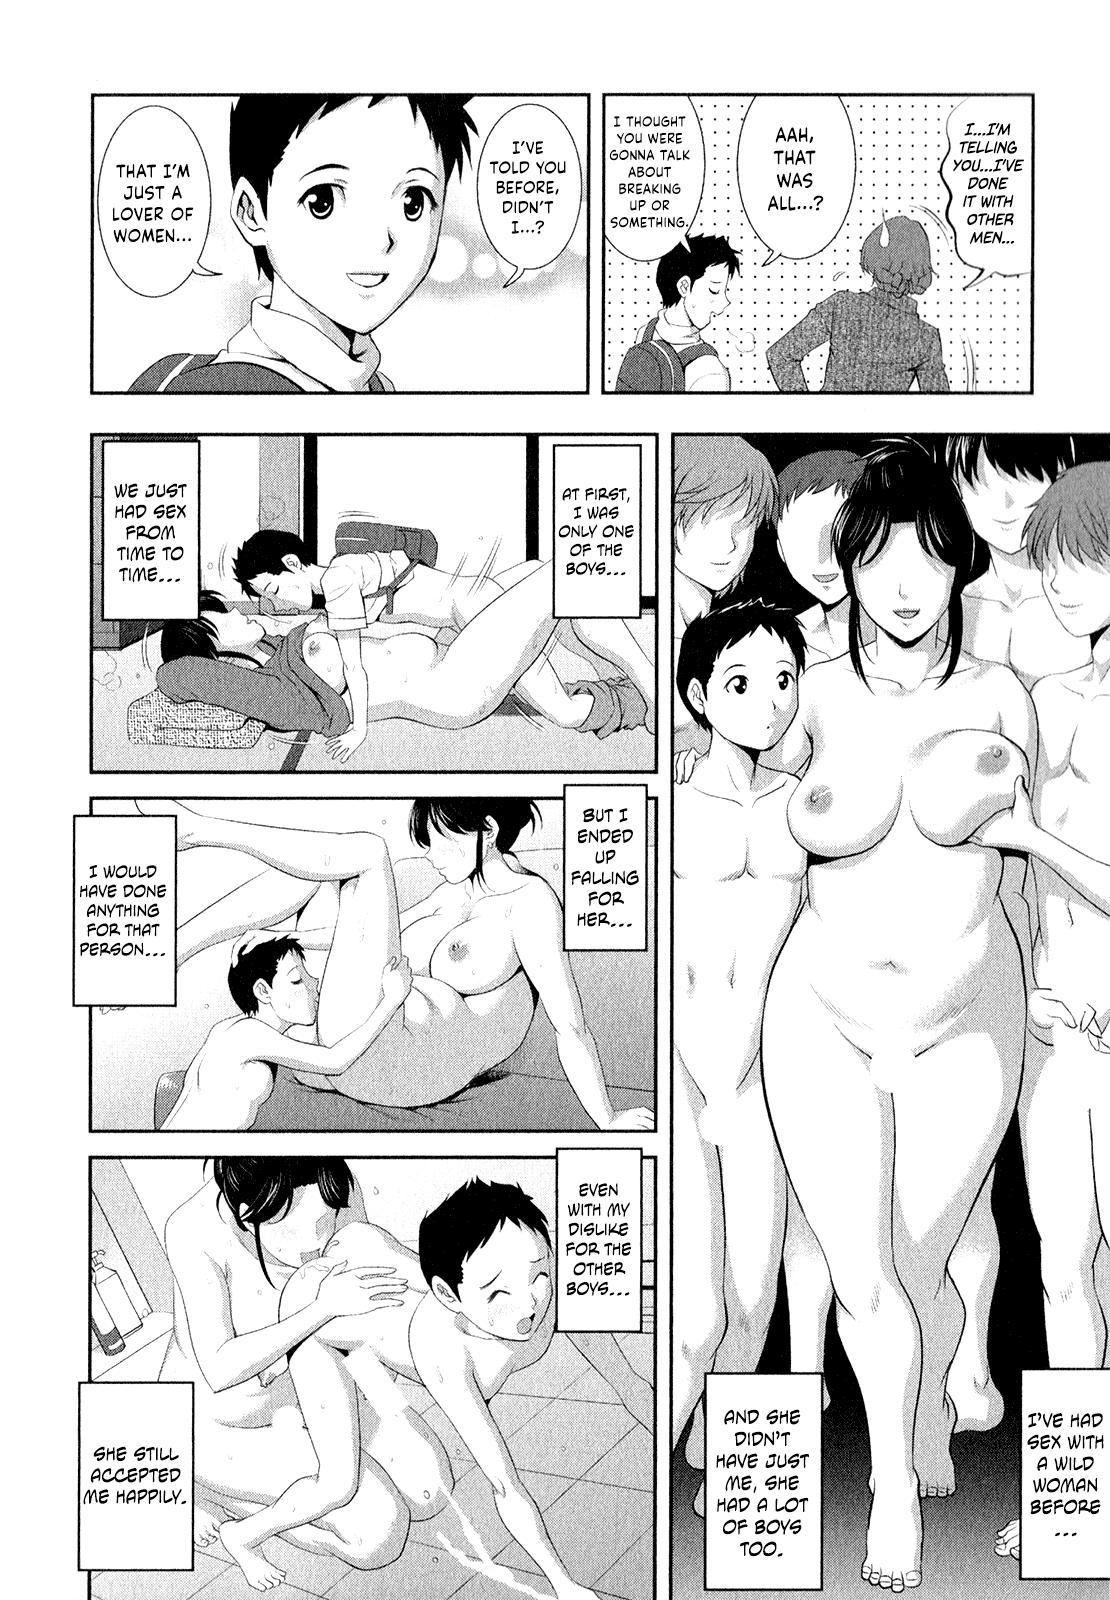 [Saigado] Hitozuma Audrey-san no Himitsu ~30-sai kara no Furyou Tsuma Kouza~ - Vol. 2 Ch. 9~12 [English] {Hennojin} 18